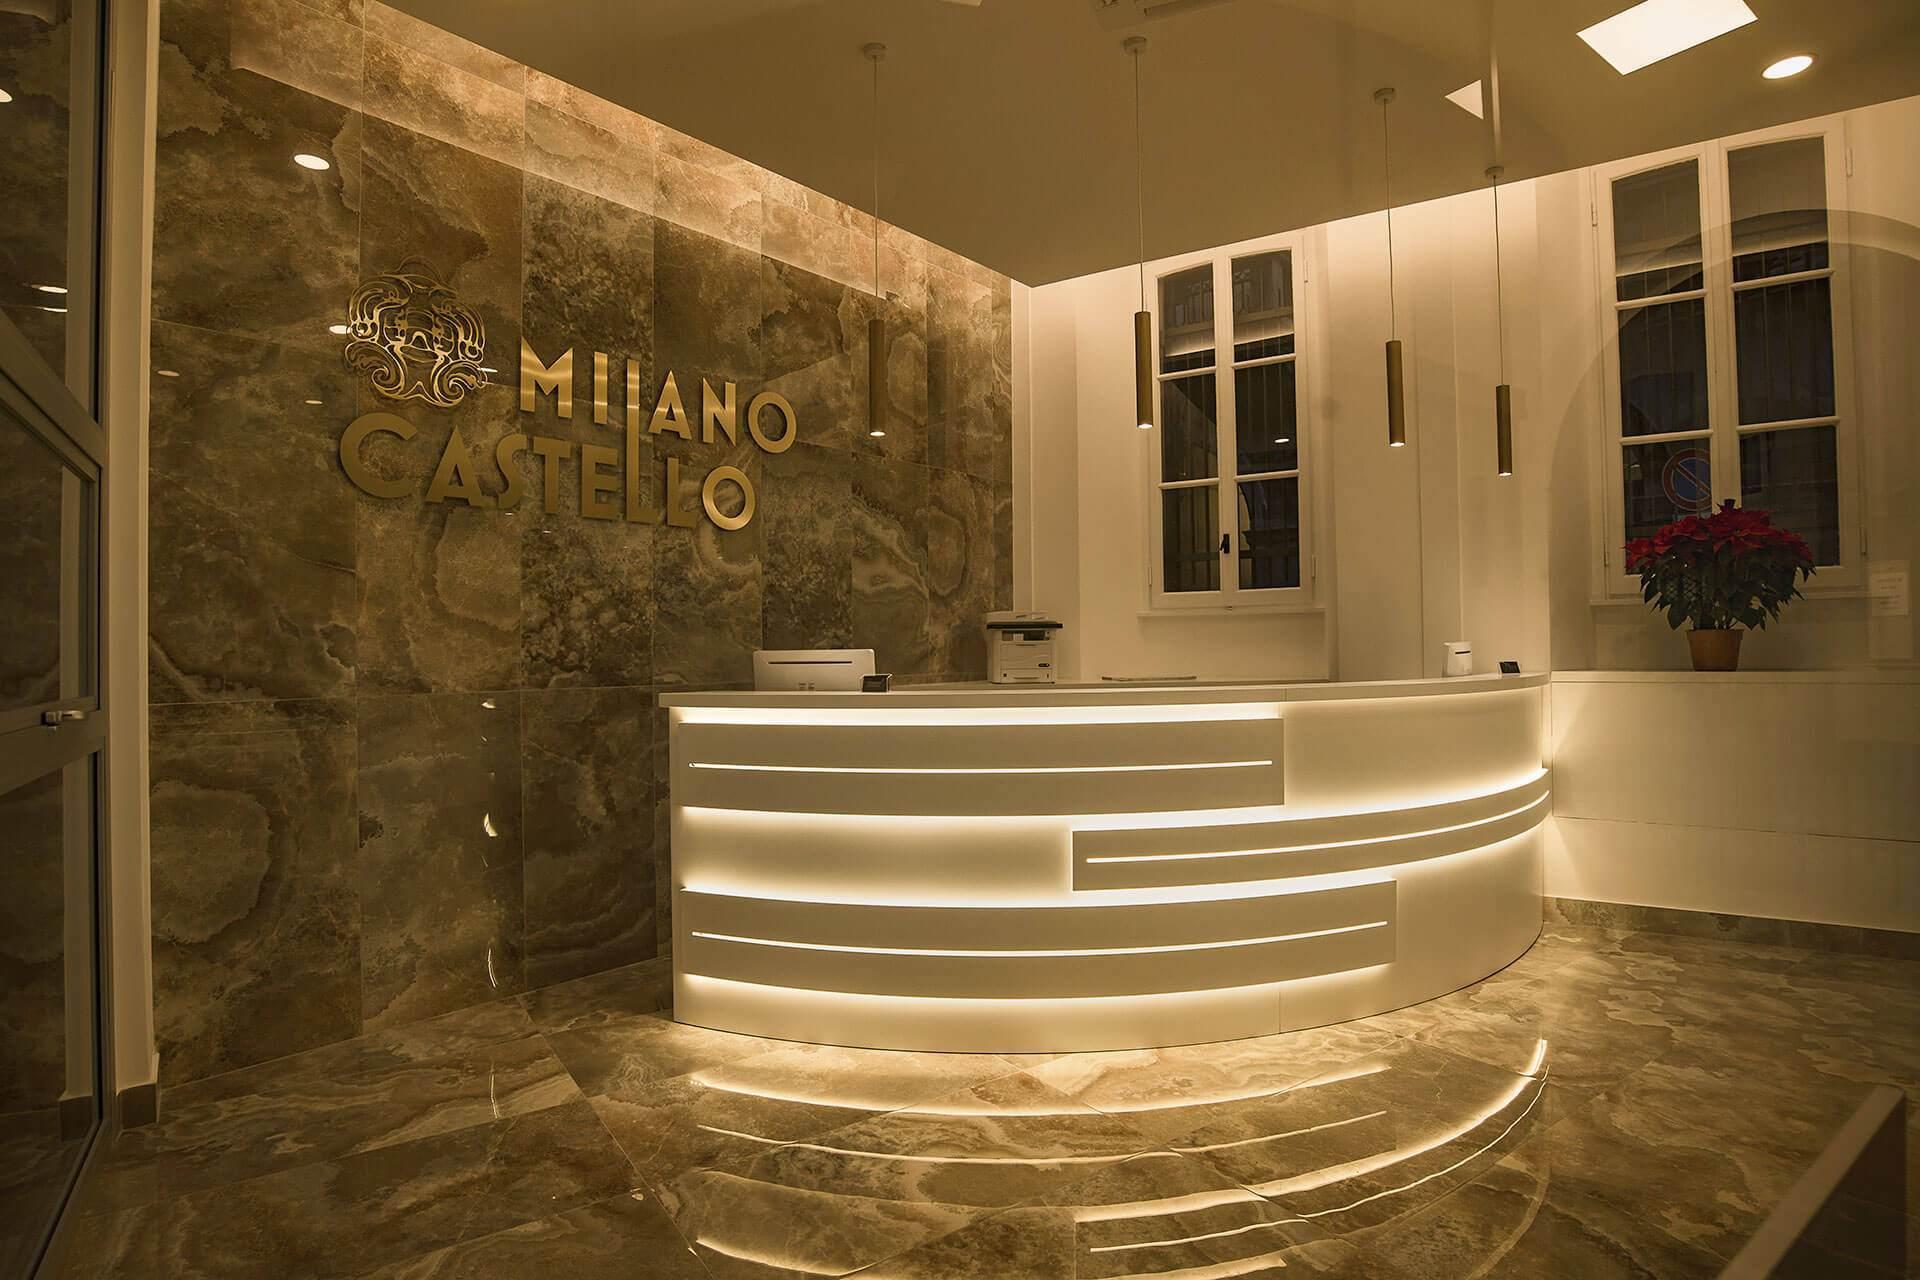 hotel milano castello sito ufficiale design hotel milano